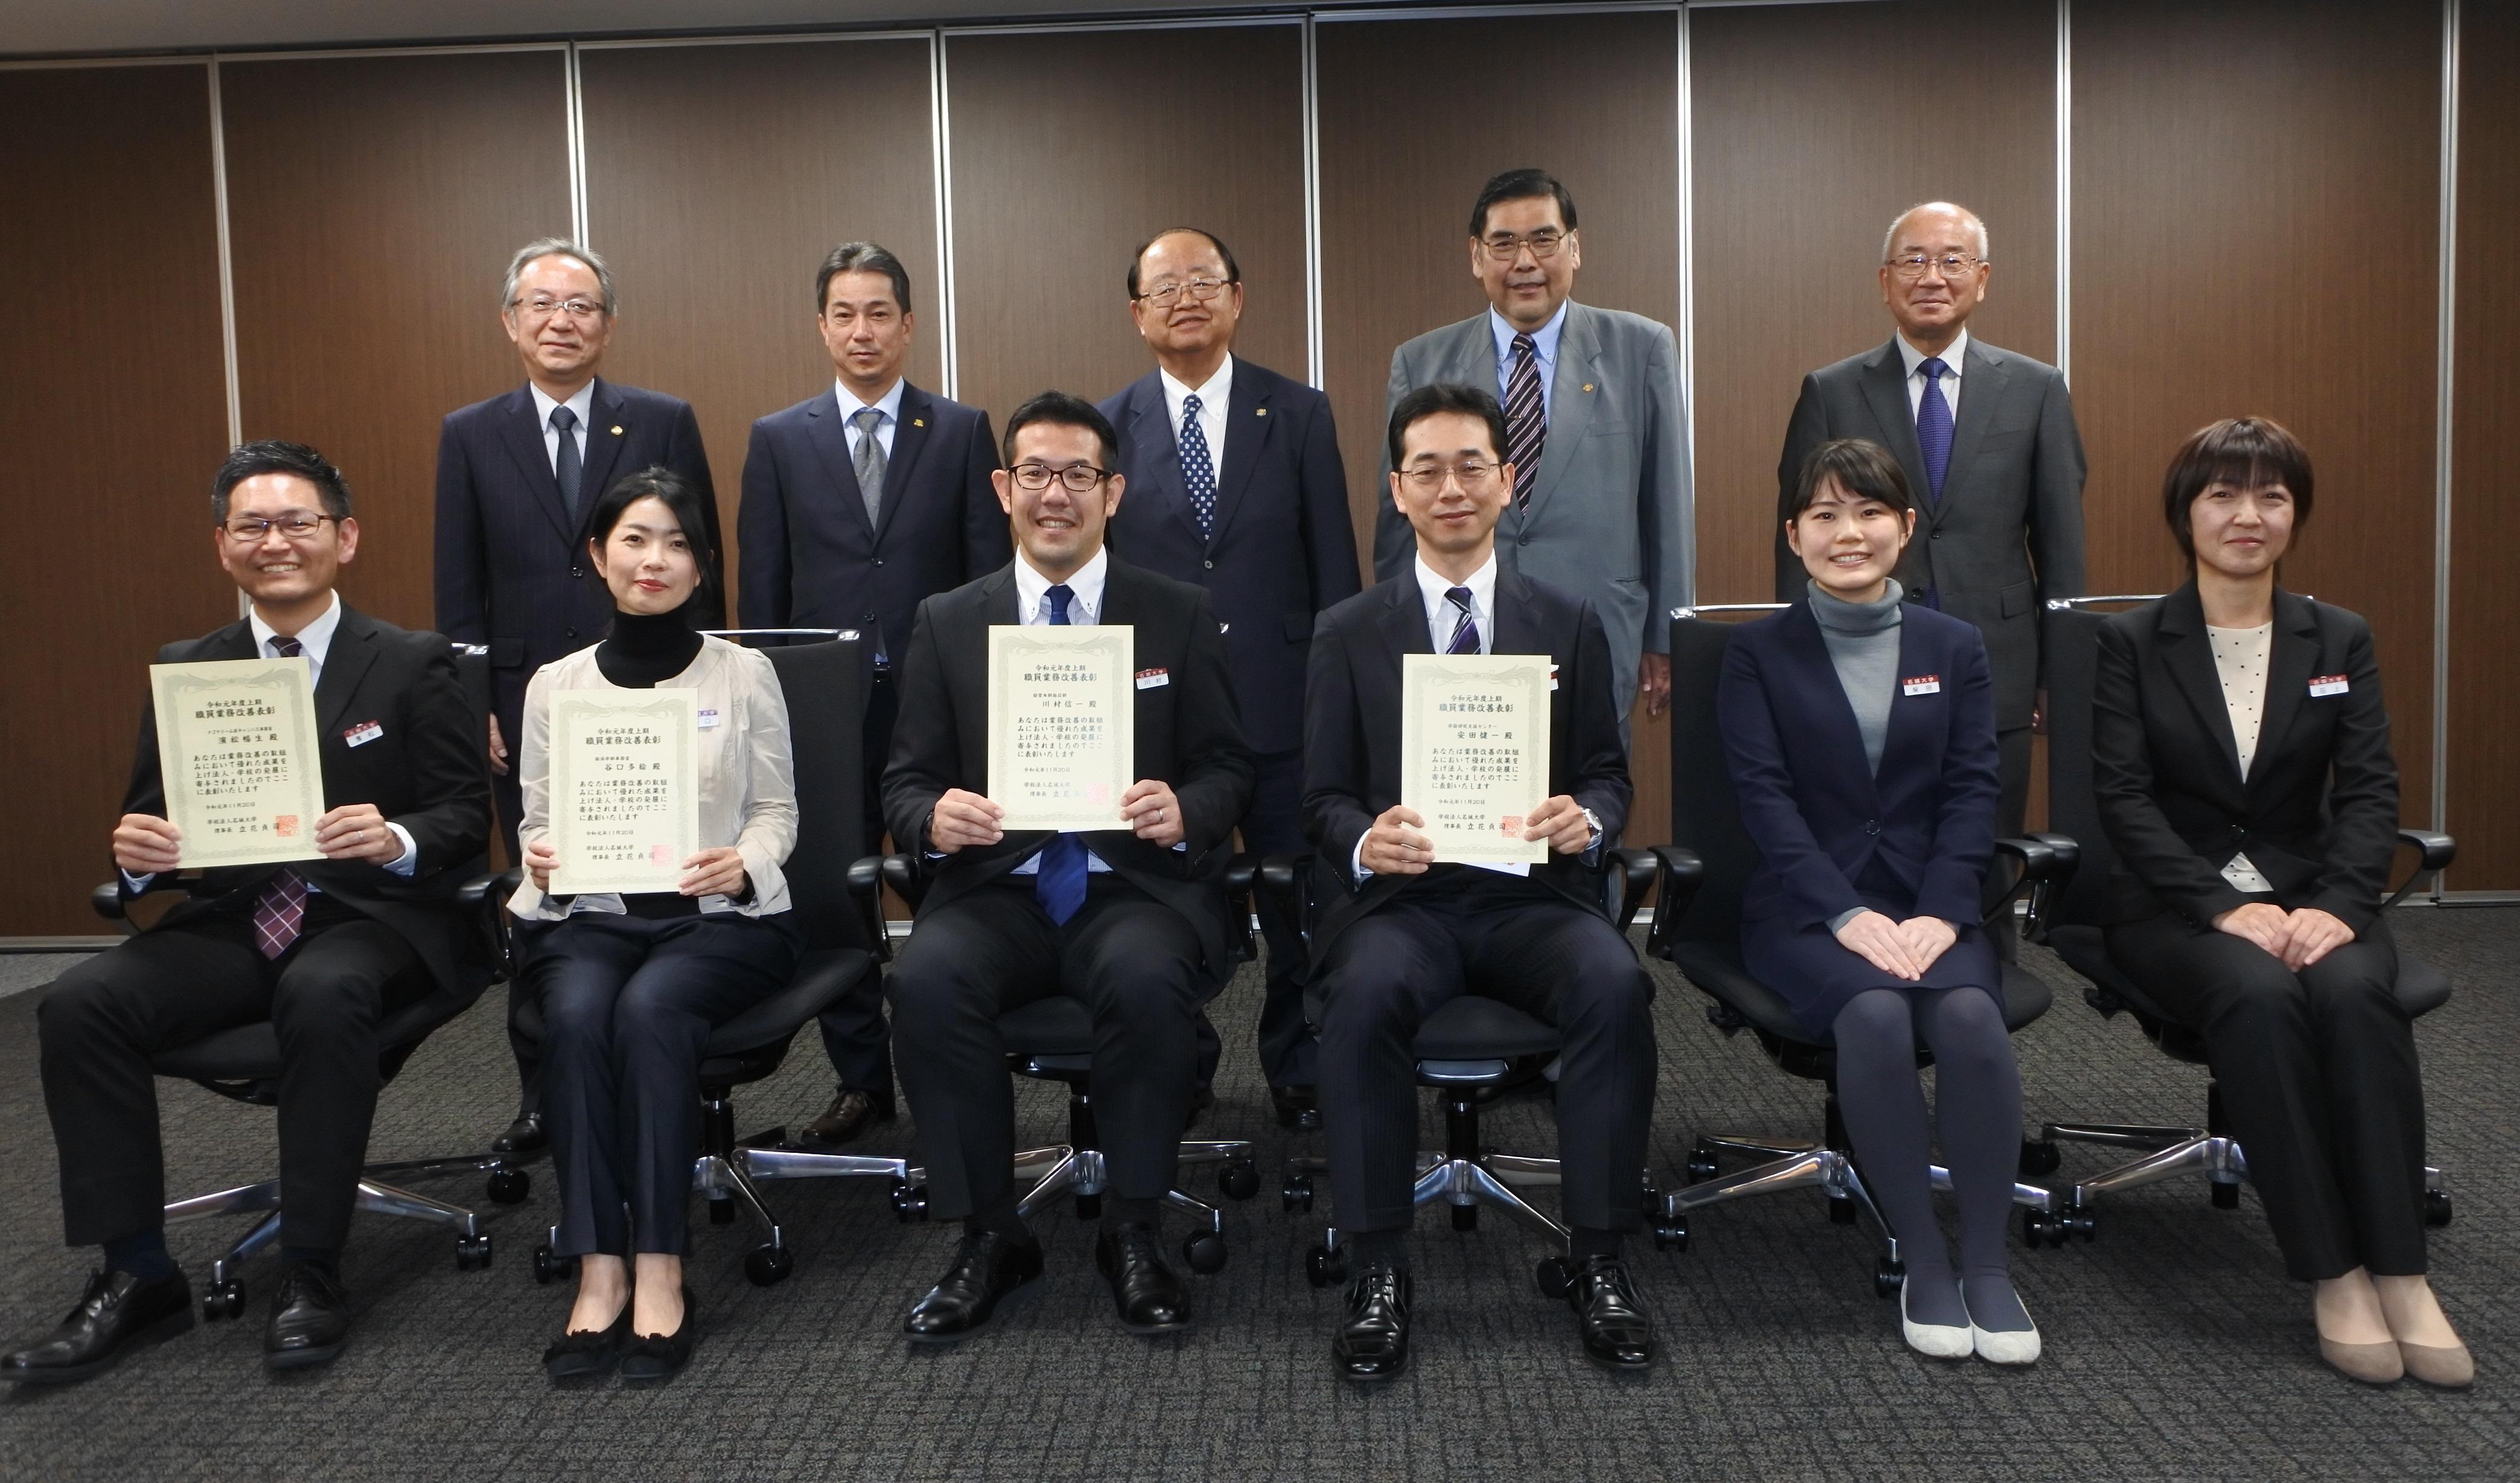 表彰状を手にする職員と立花貞司理事長ら